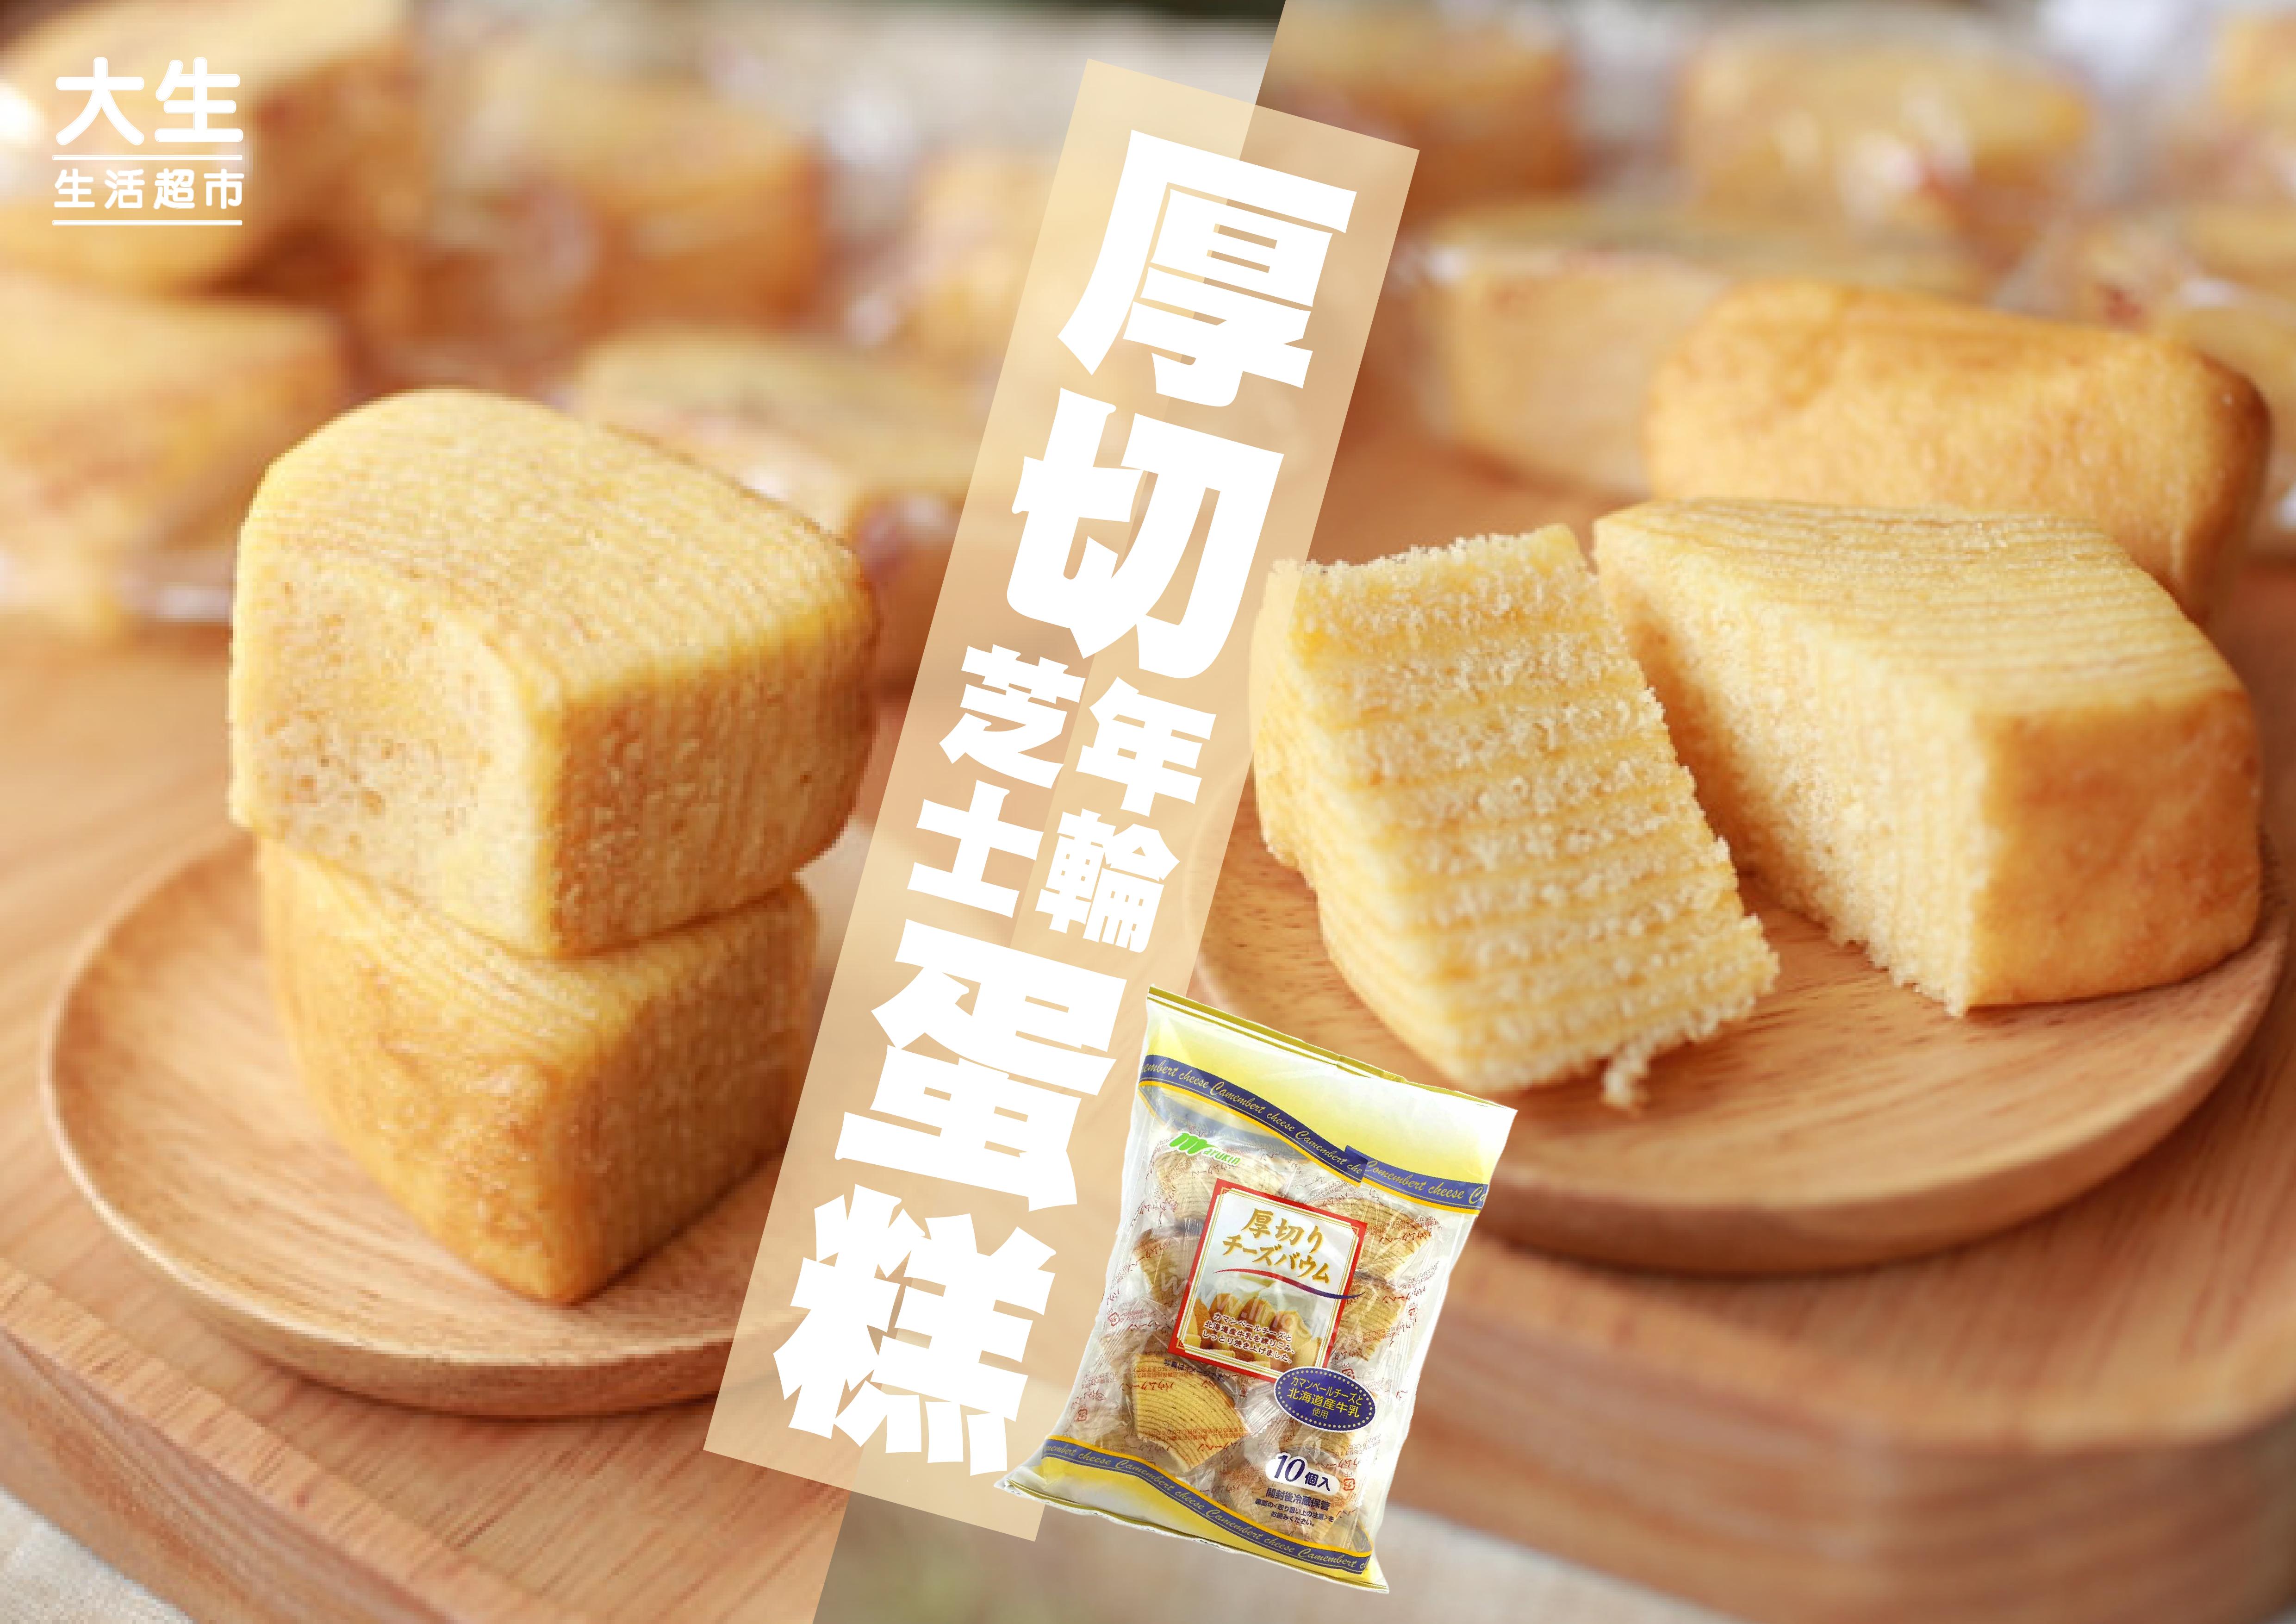 丸金-厚切樹紋芝士蛋糕